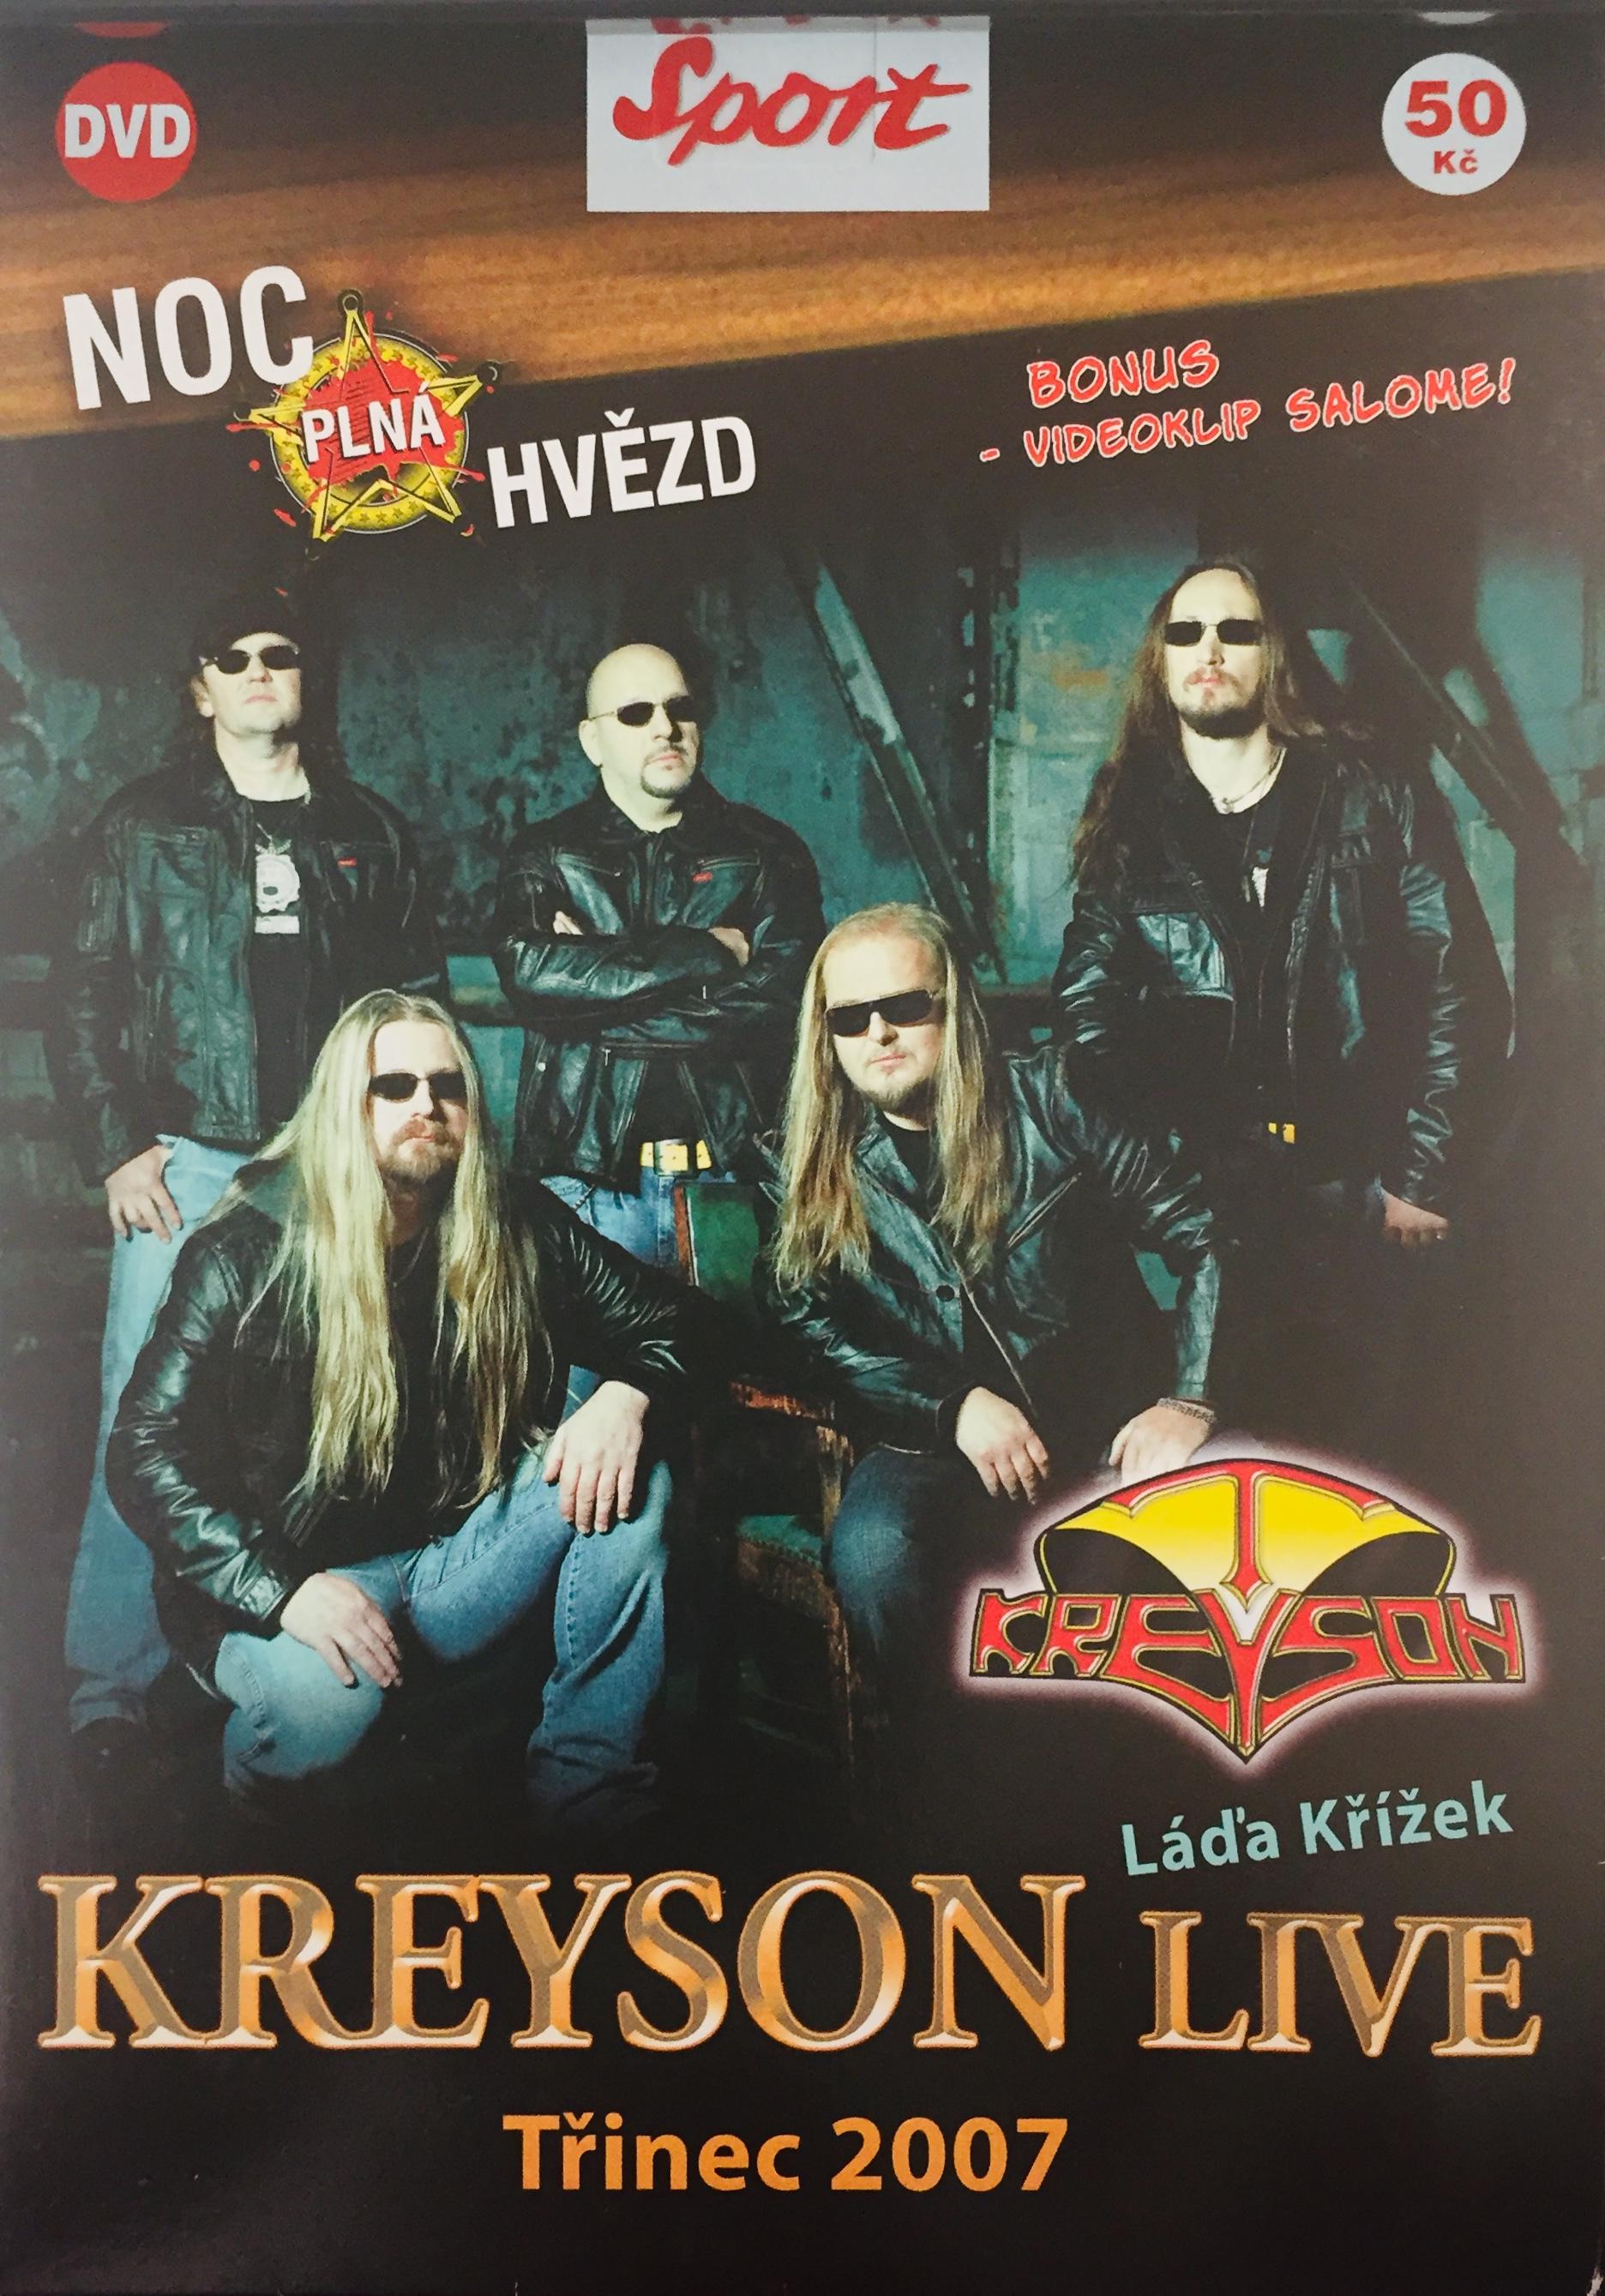 Kreyson Live - Třinec 2007 - DVD /pošetka/